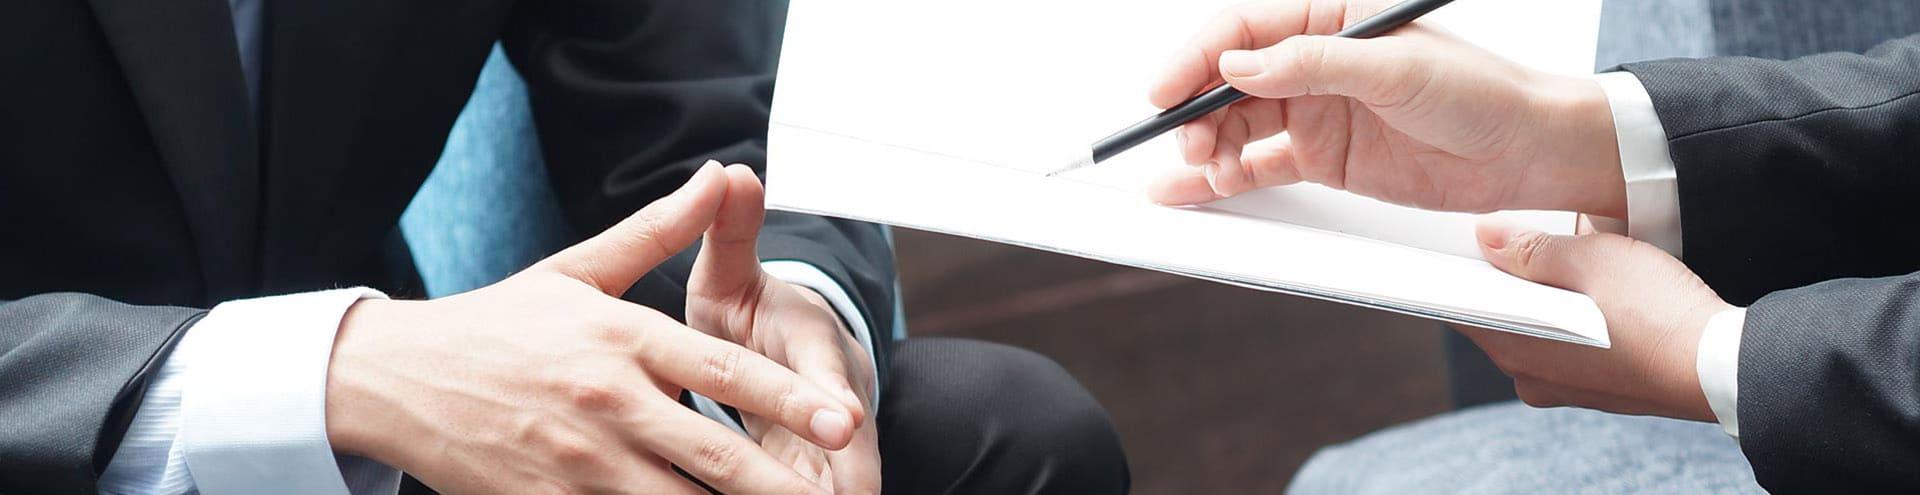 гарантии оказания юридических услуг в Уфе